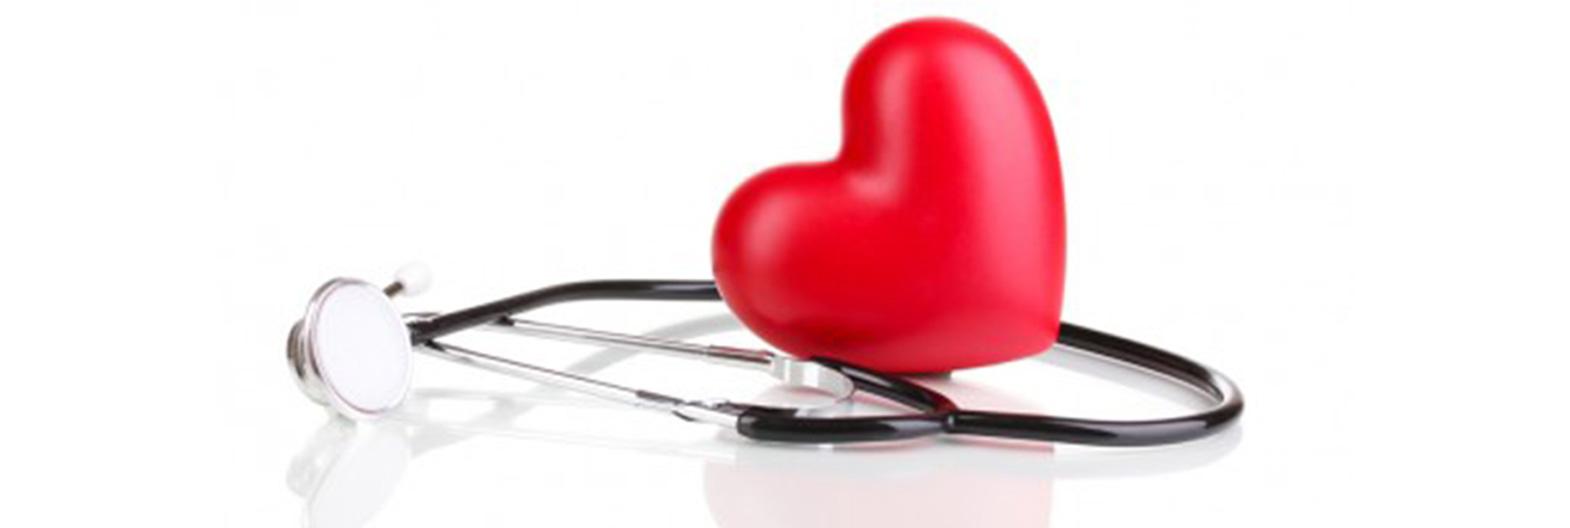 Būdai išgydyti hipertenziją amžinai - Hipertenzija November